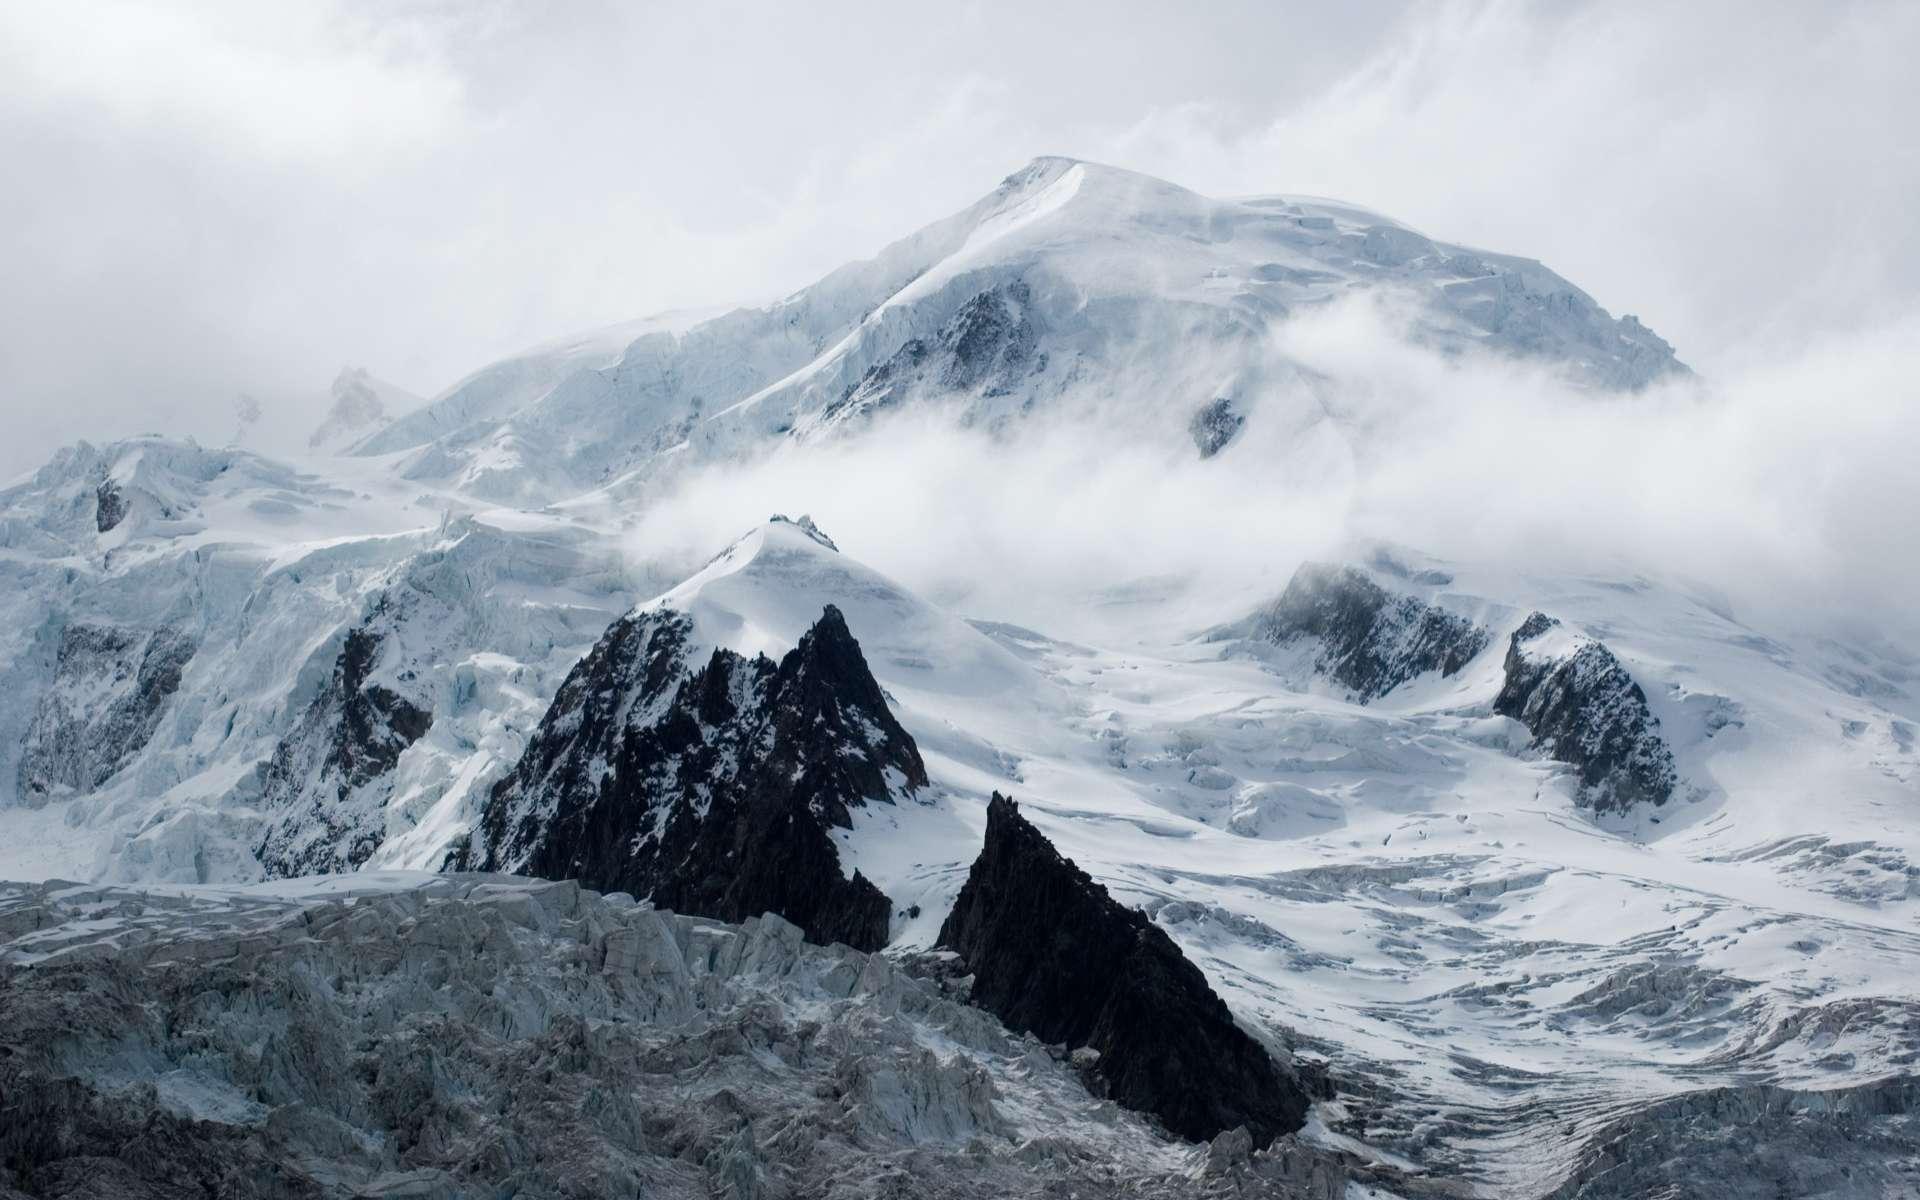 Le glacier du col de Dôme, l'un des massifs du Mont-Blanc, culminant à 4.300 m d'altitude, a conservé les traces de pollution de l'activité romaine durant l'Antiquité. © Alexandre Buisse, Wikimedias Commons, by-sa 3.0